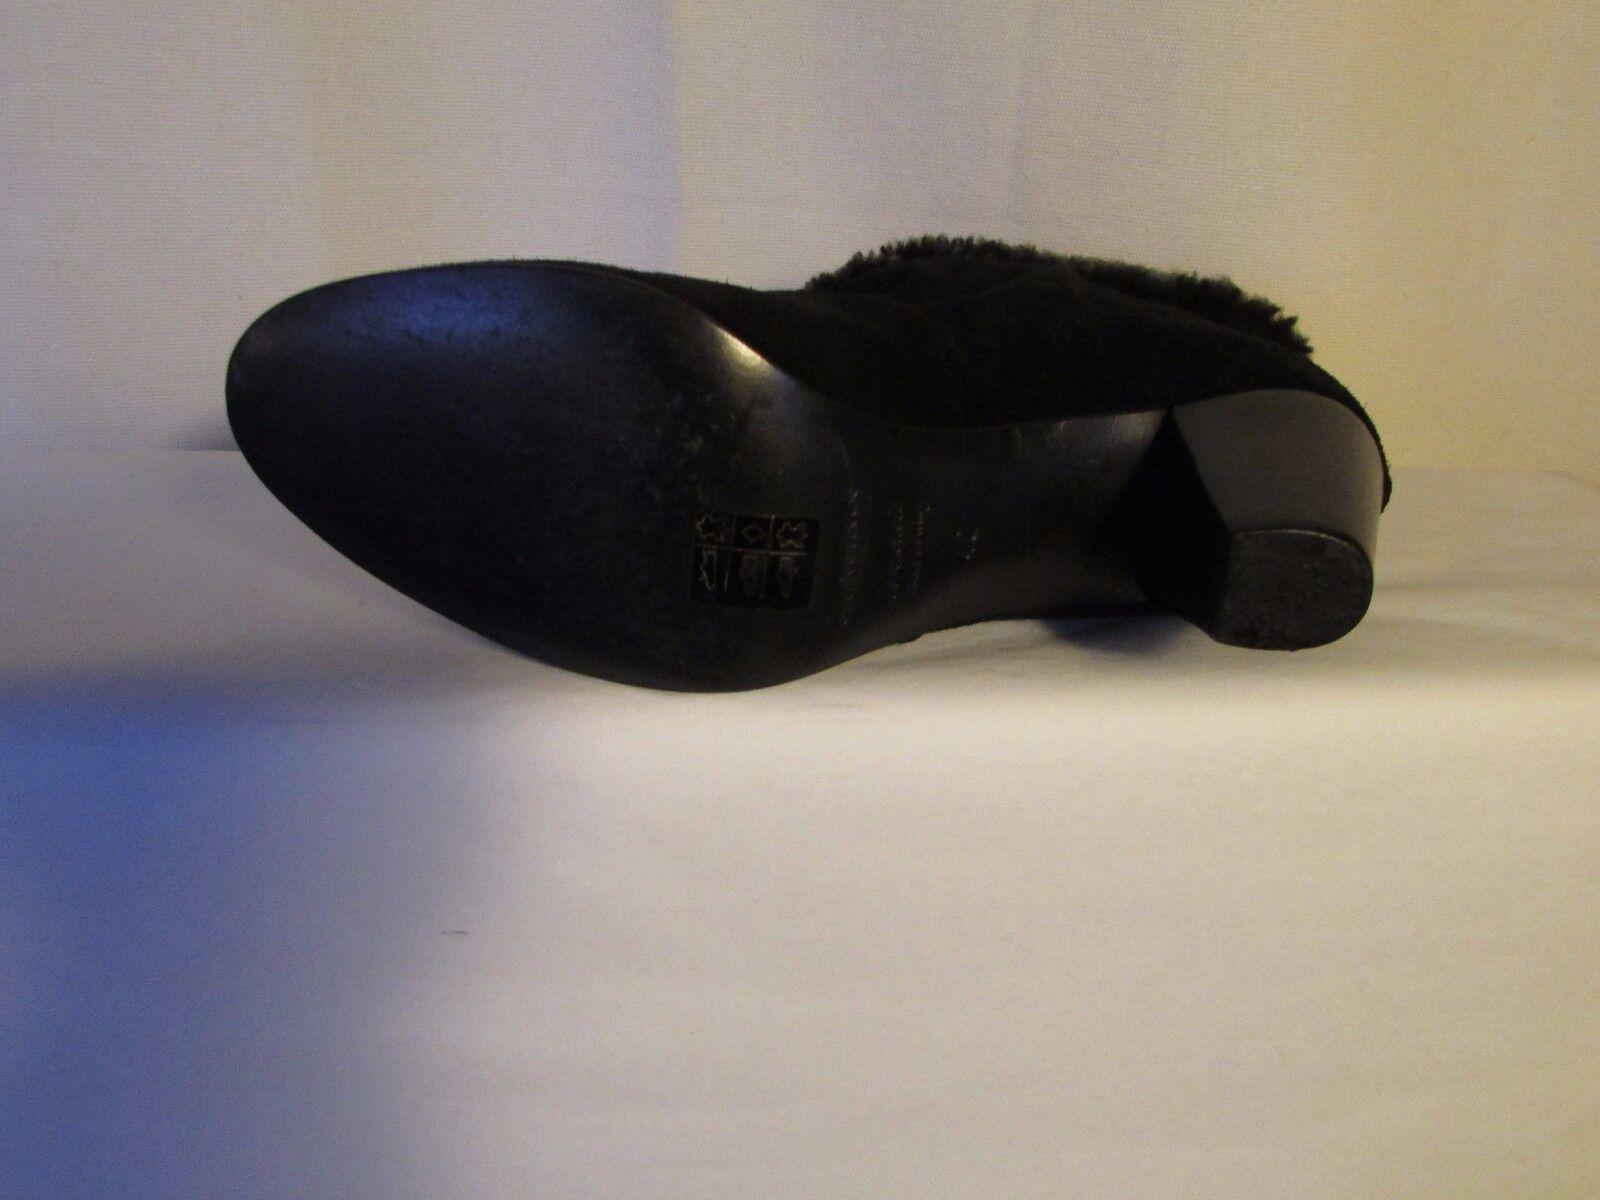 Stiefel/Stiefletten amerikanisch Retro Wildleder Modell chamonix 40 Wildleder Retro schwarz und 456aab